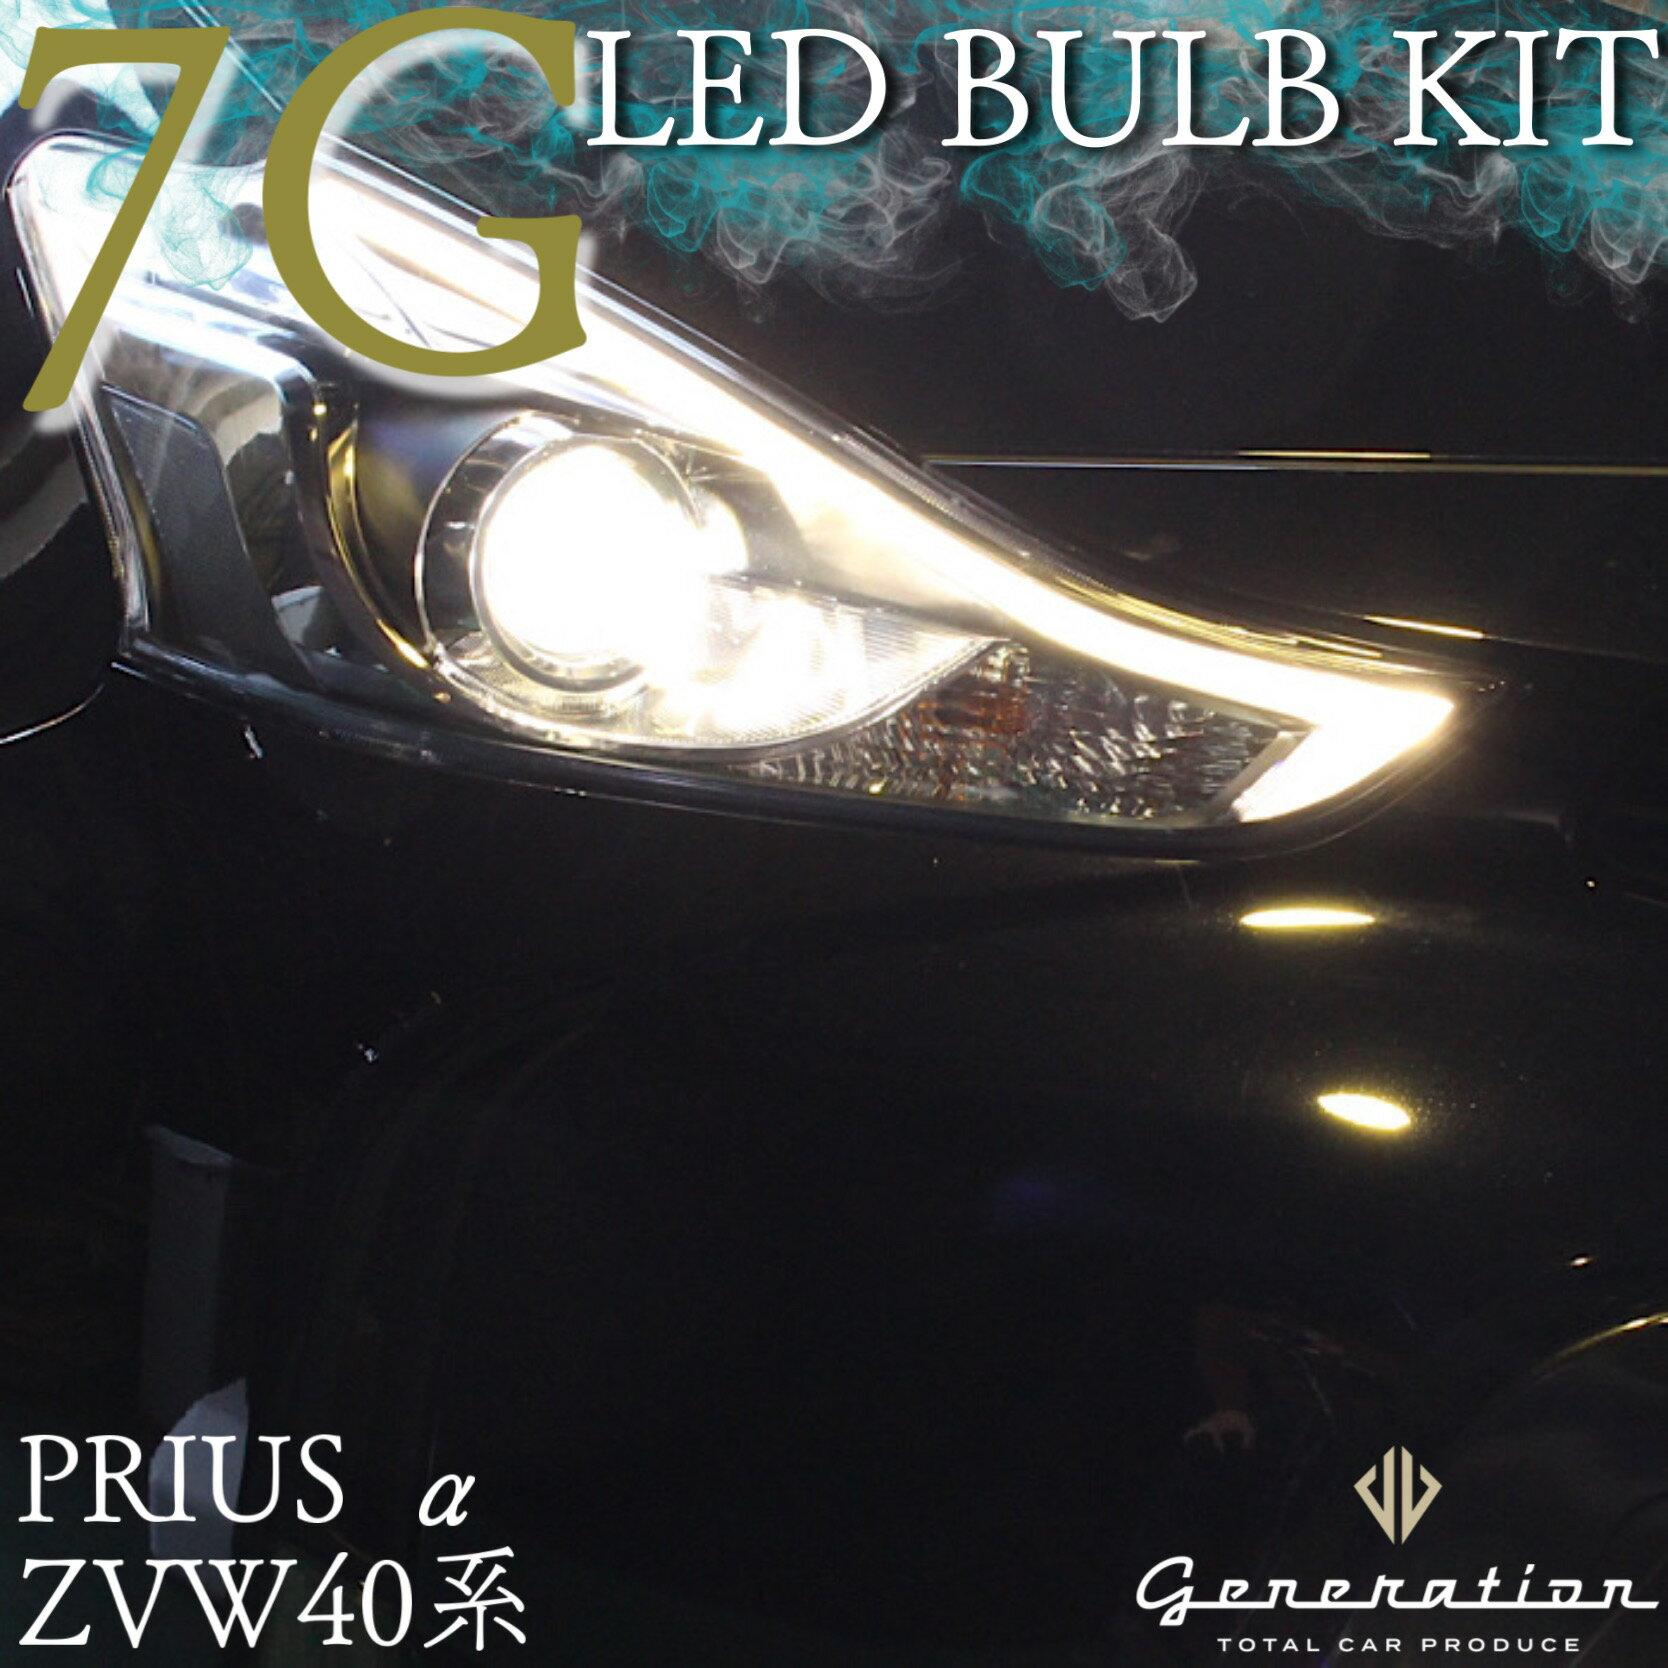 ライト・ランプ, ヘッドライト  PRIUS ZVW40 Lumileds LUXEON ZES LED HEAD LIGHT 8000LM 6500K LED led